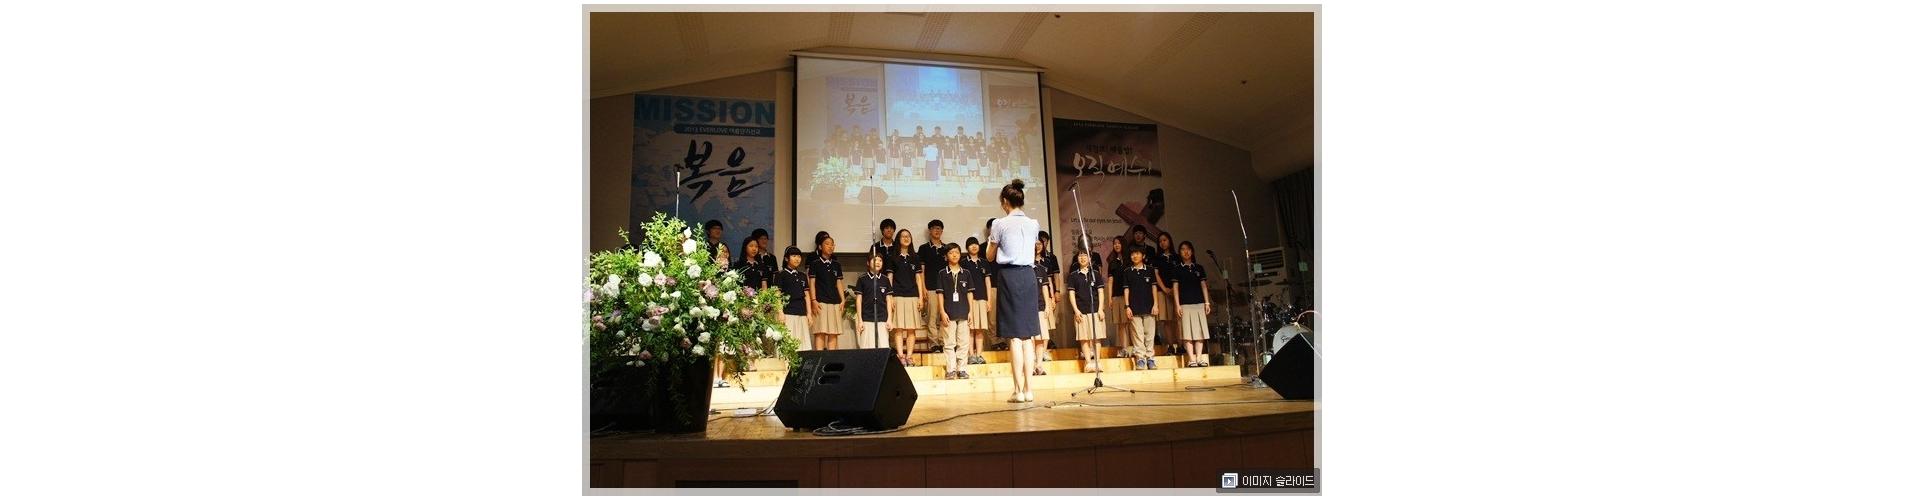 2013.7.19 종강 발표회